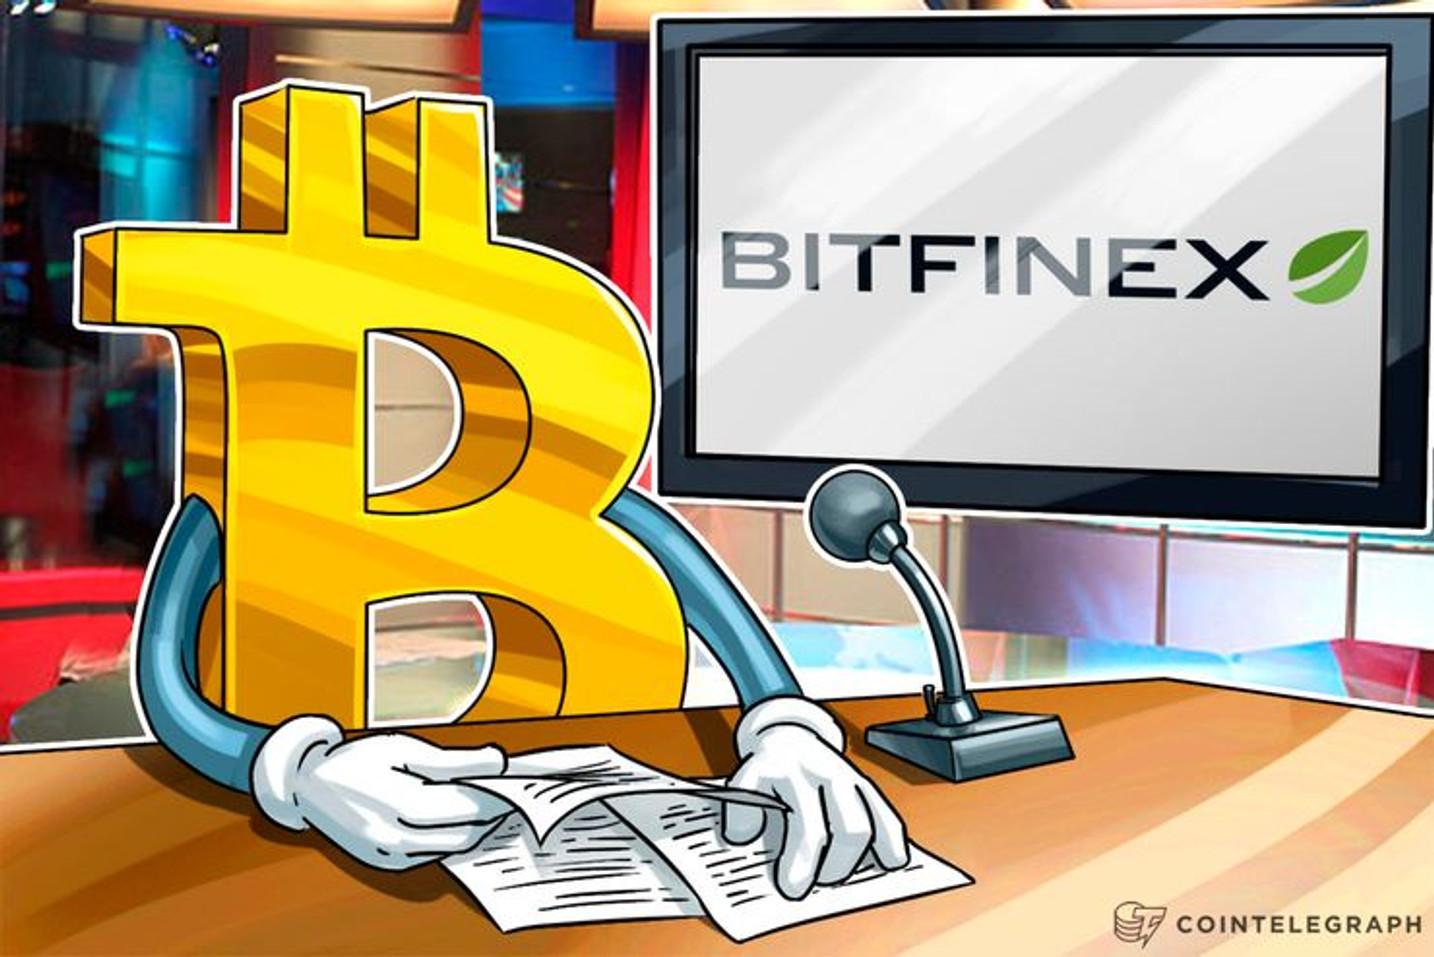 ビットコイン急落と世界同時株安は関係なし?仮想通貨取引所ビットフィネックスでの「取り付け騒ぎ」が背景か